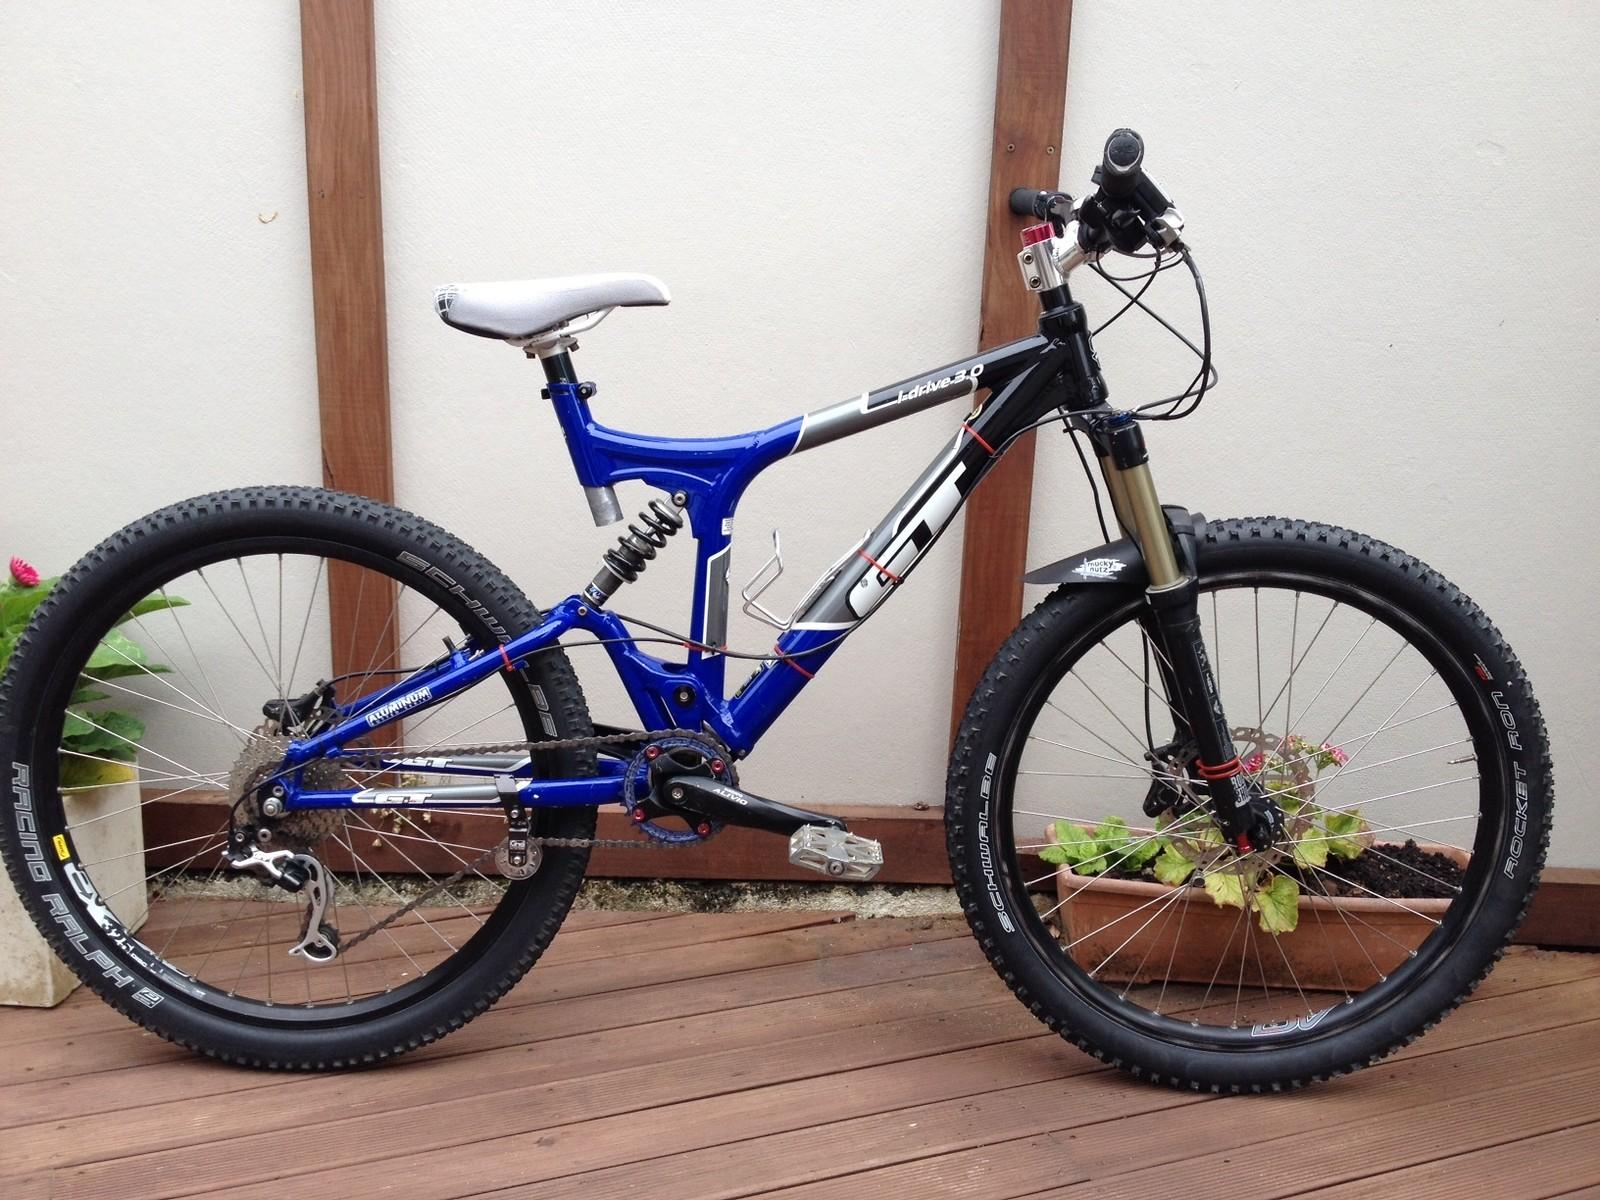 The Wife's Bike